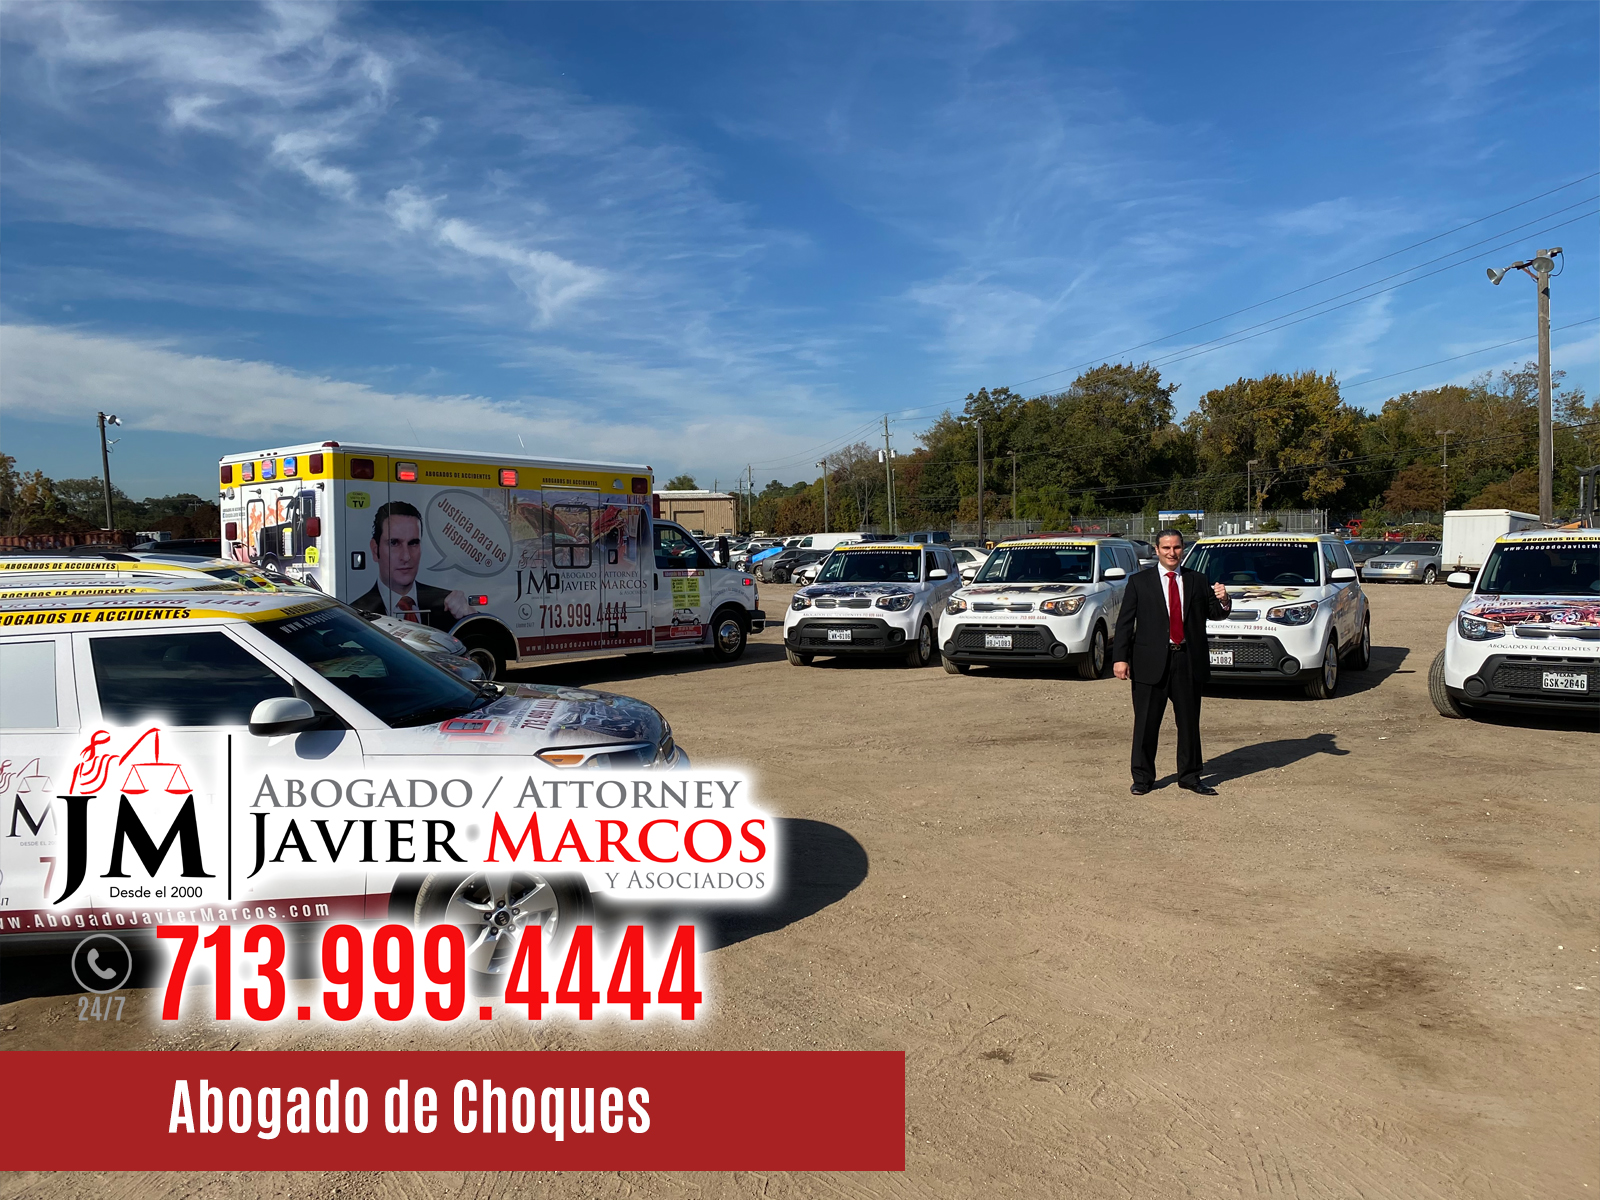 Abogado de choques | Abogado Javier Marcos | 713.999.4444